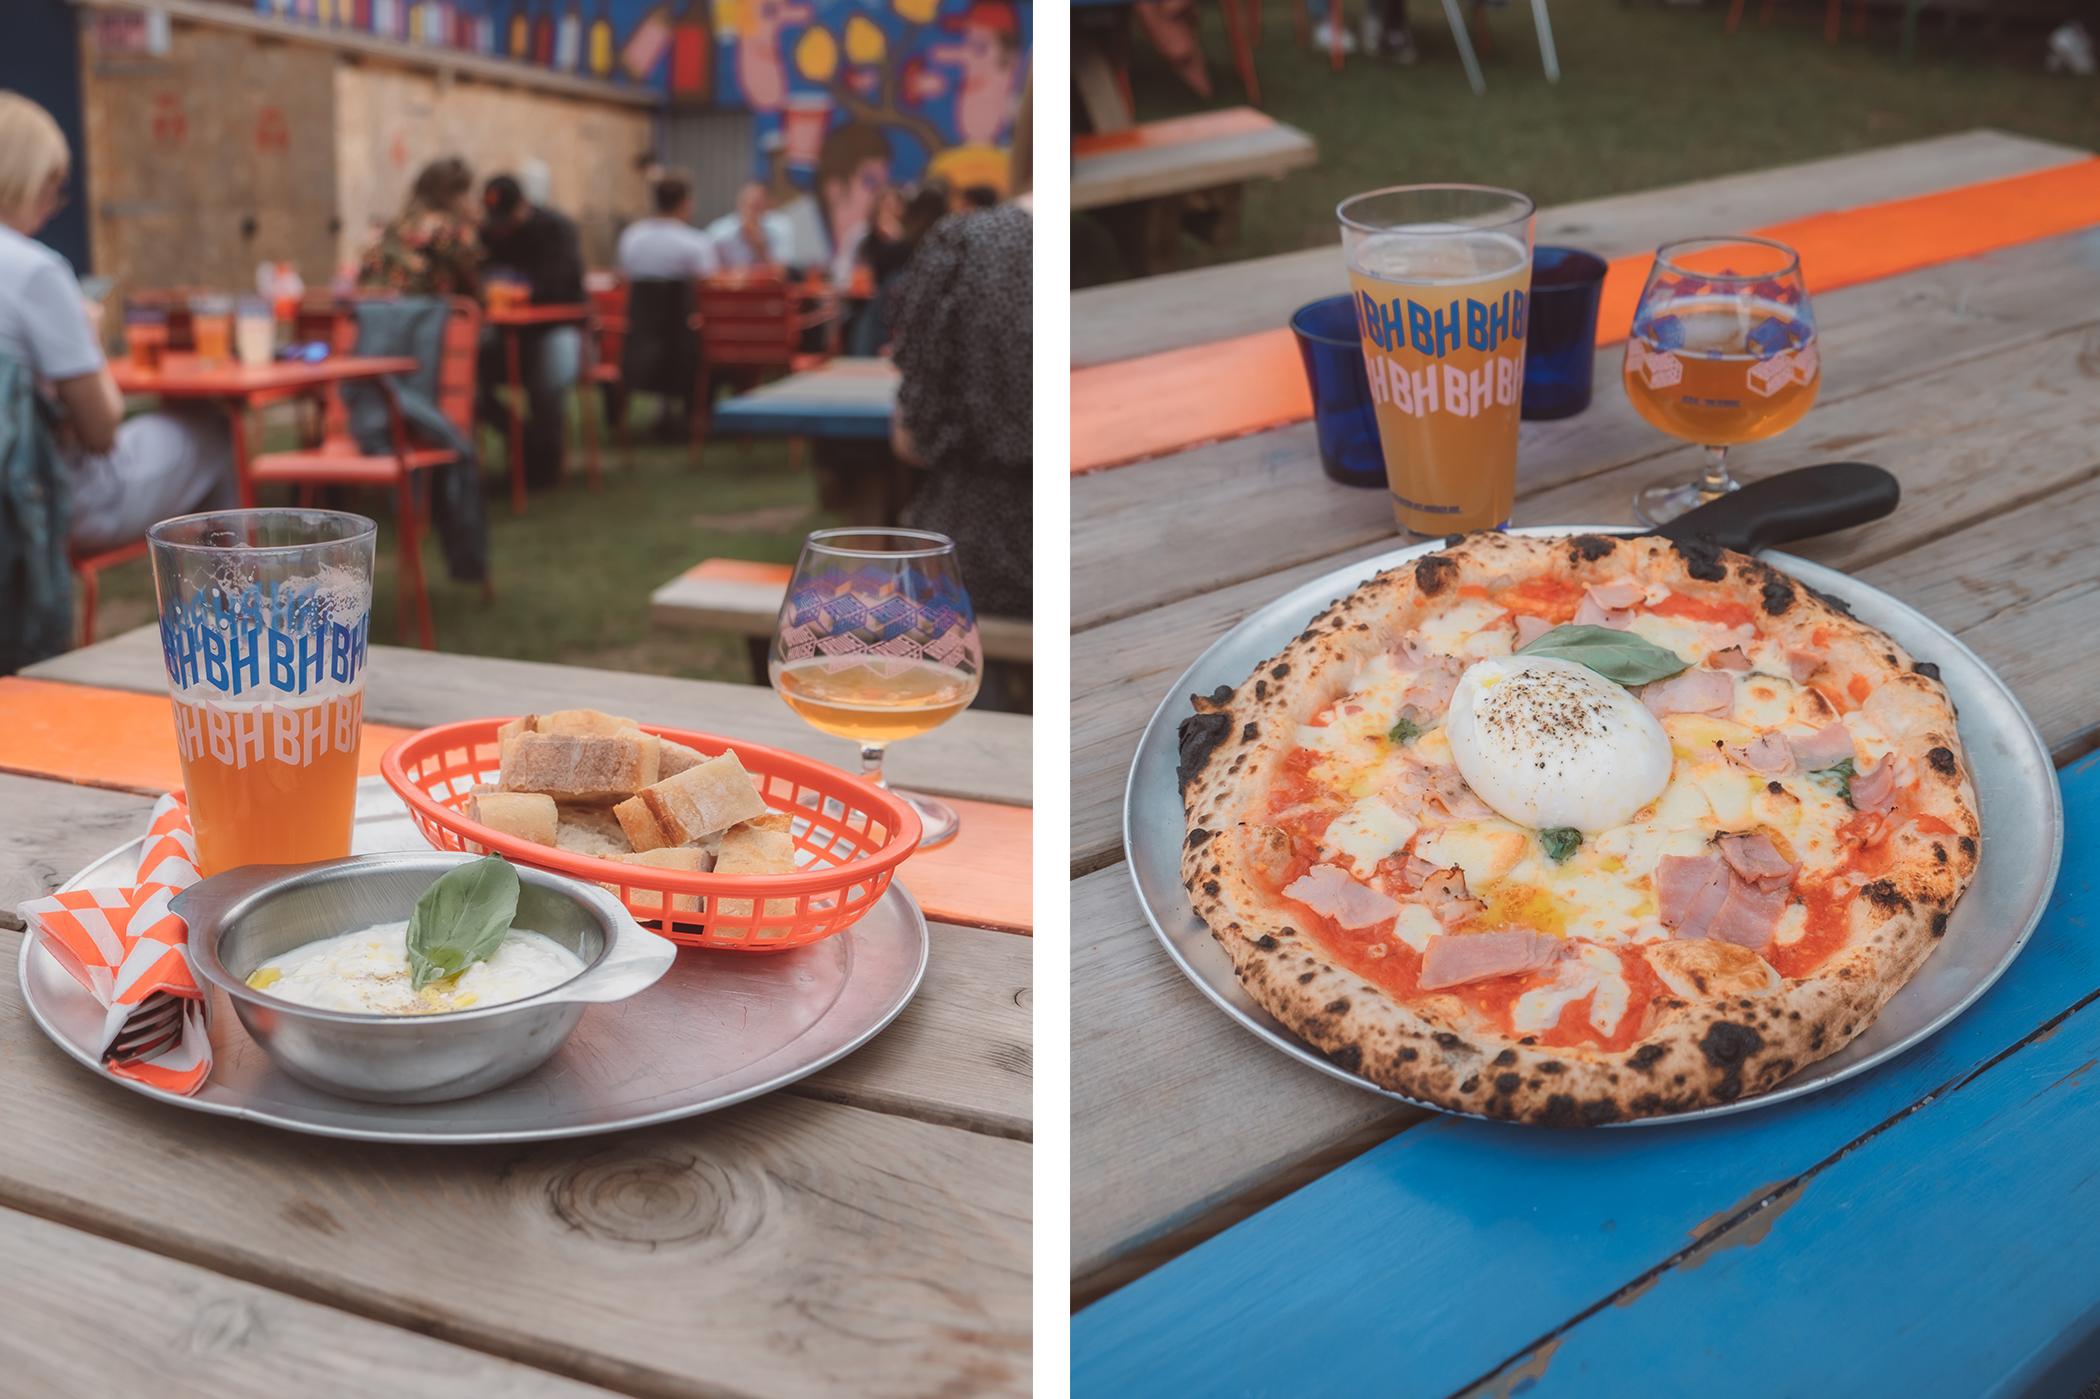 Les bières et pizzas chez Brique House